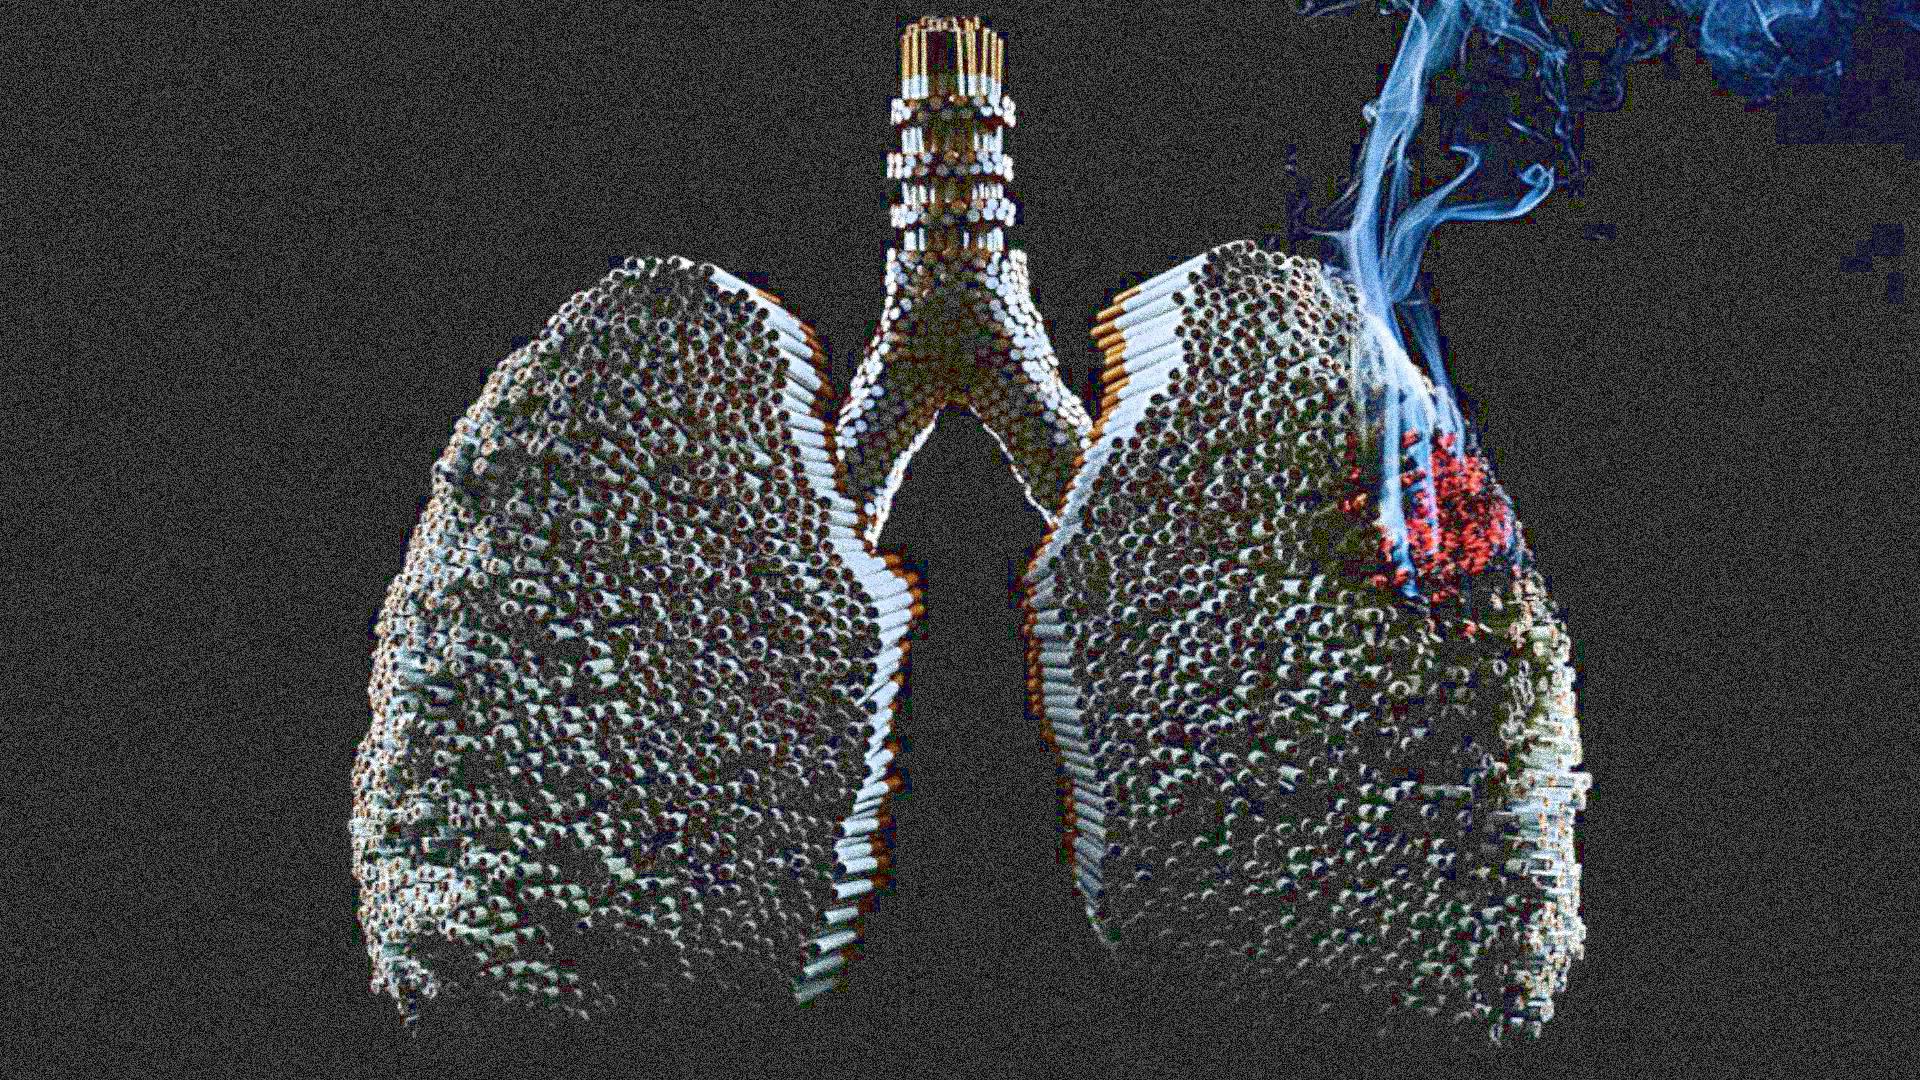 курить, вредно, дорого, не модно